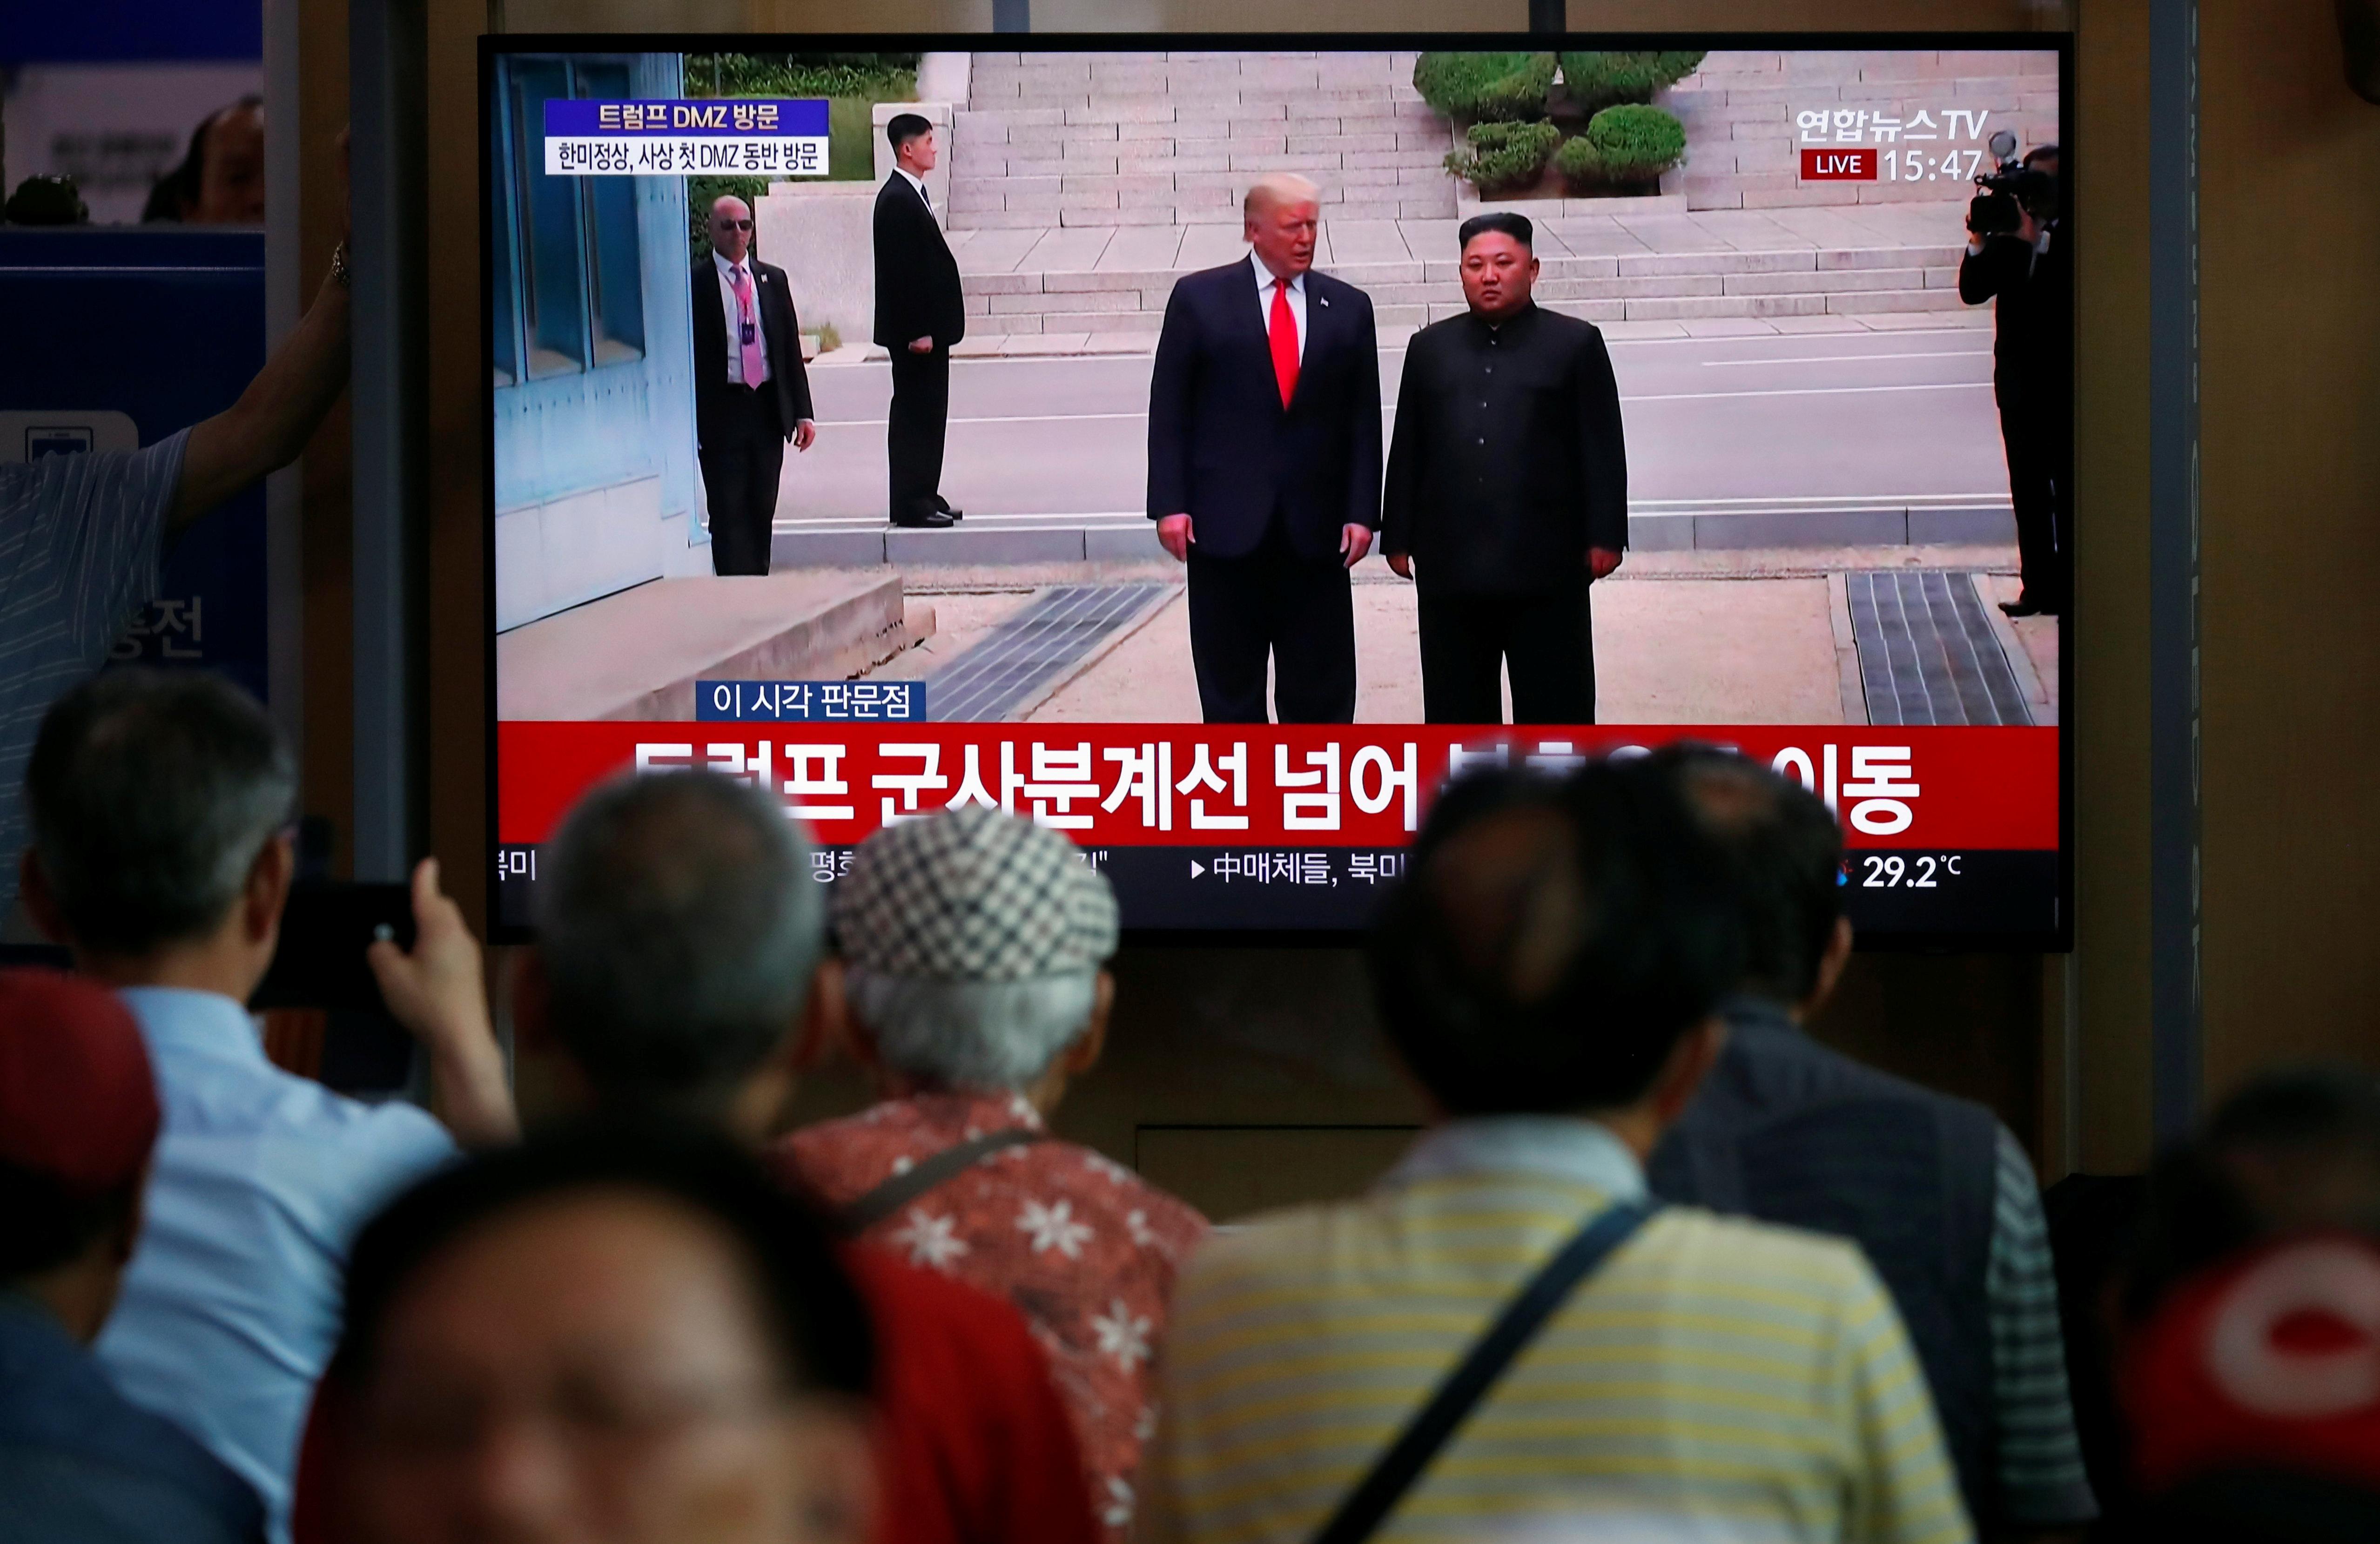 كوريون شماليون يتابعون لقاء ترامب وكيم في المنطقة العازلة